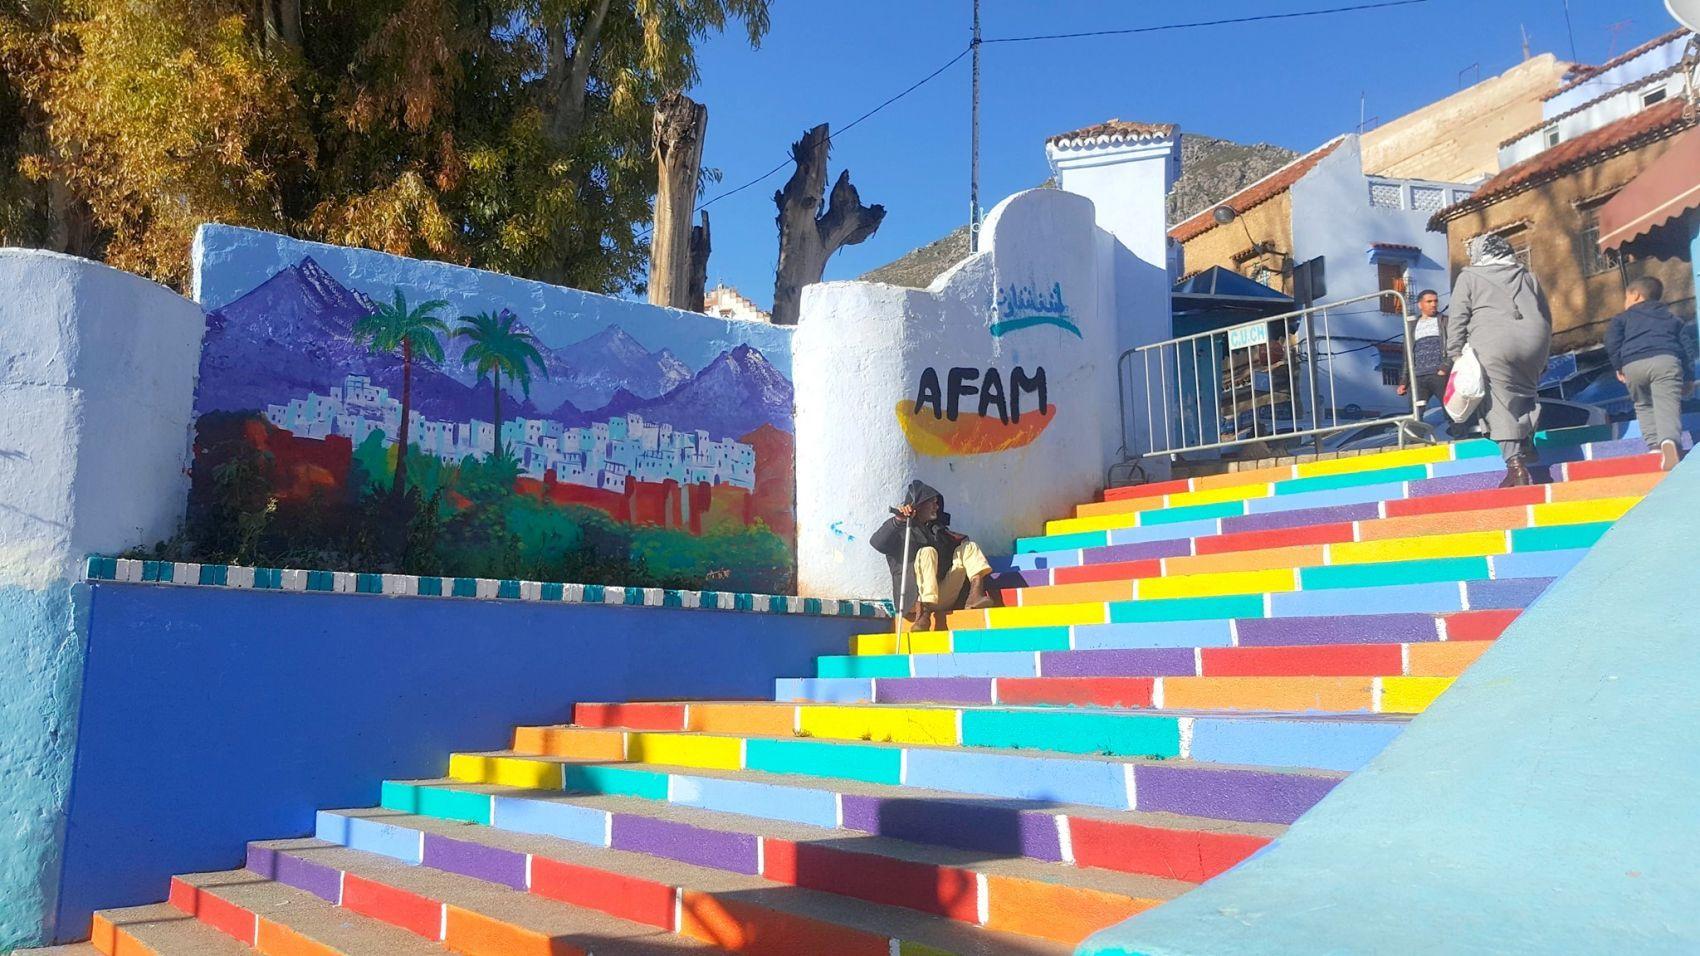 بالصور: ألوان قوس قزح في أزقة شفشاون تثير غضب المحافظين   www.le360.ma